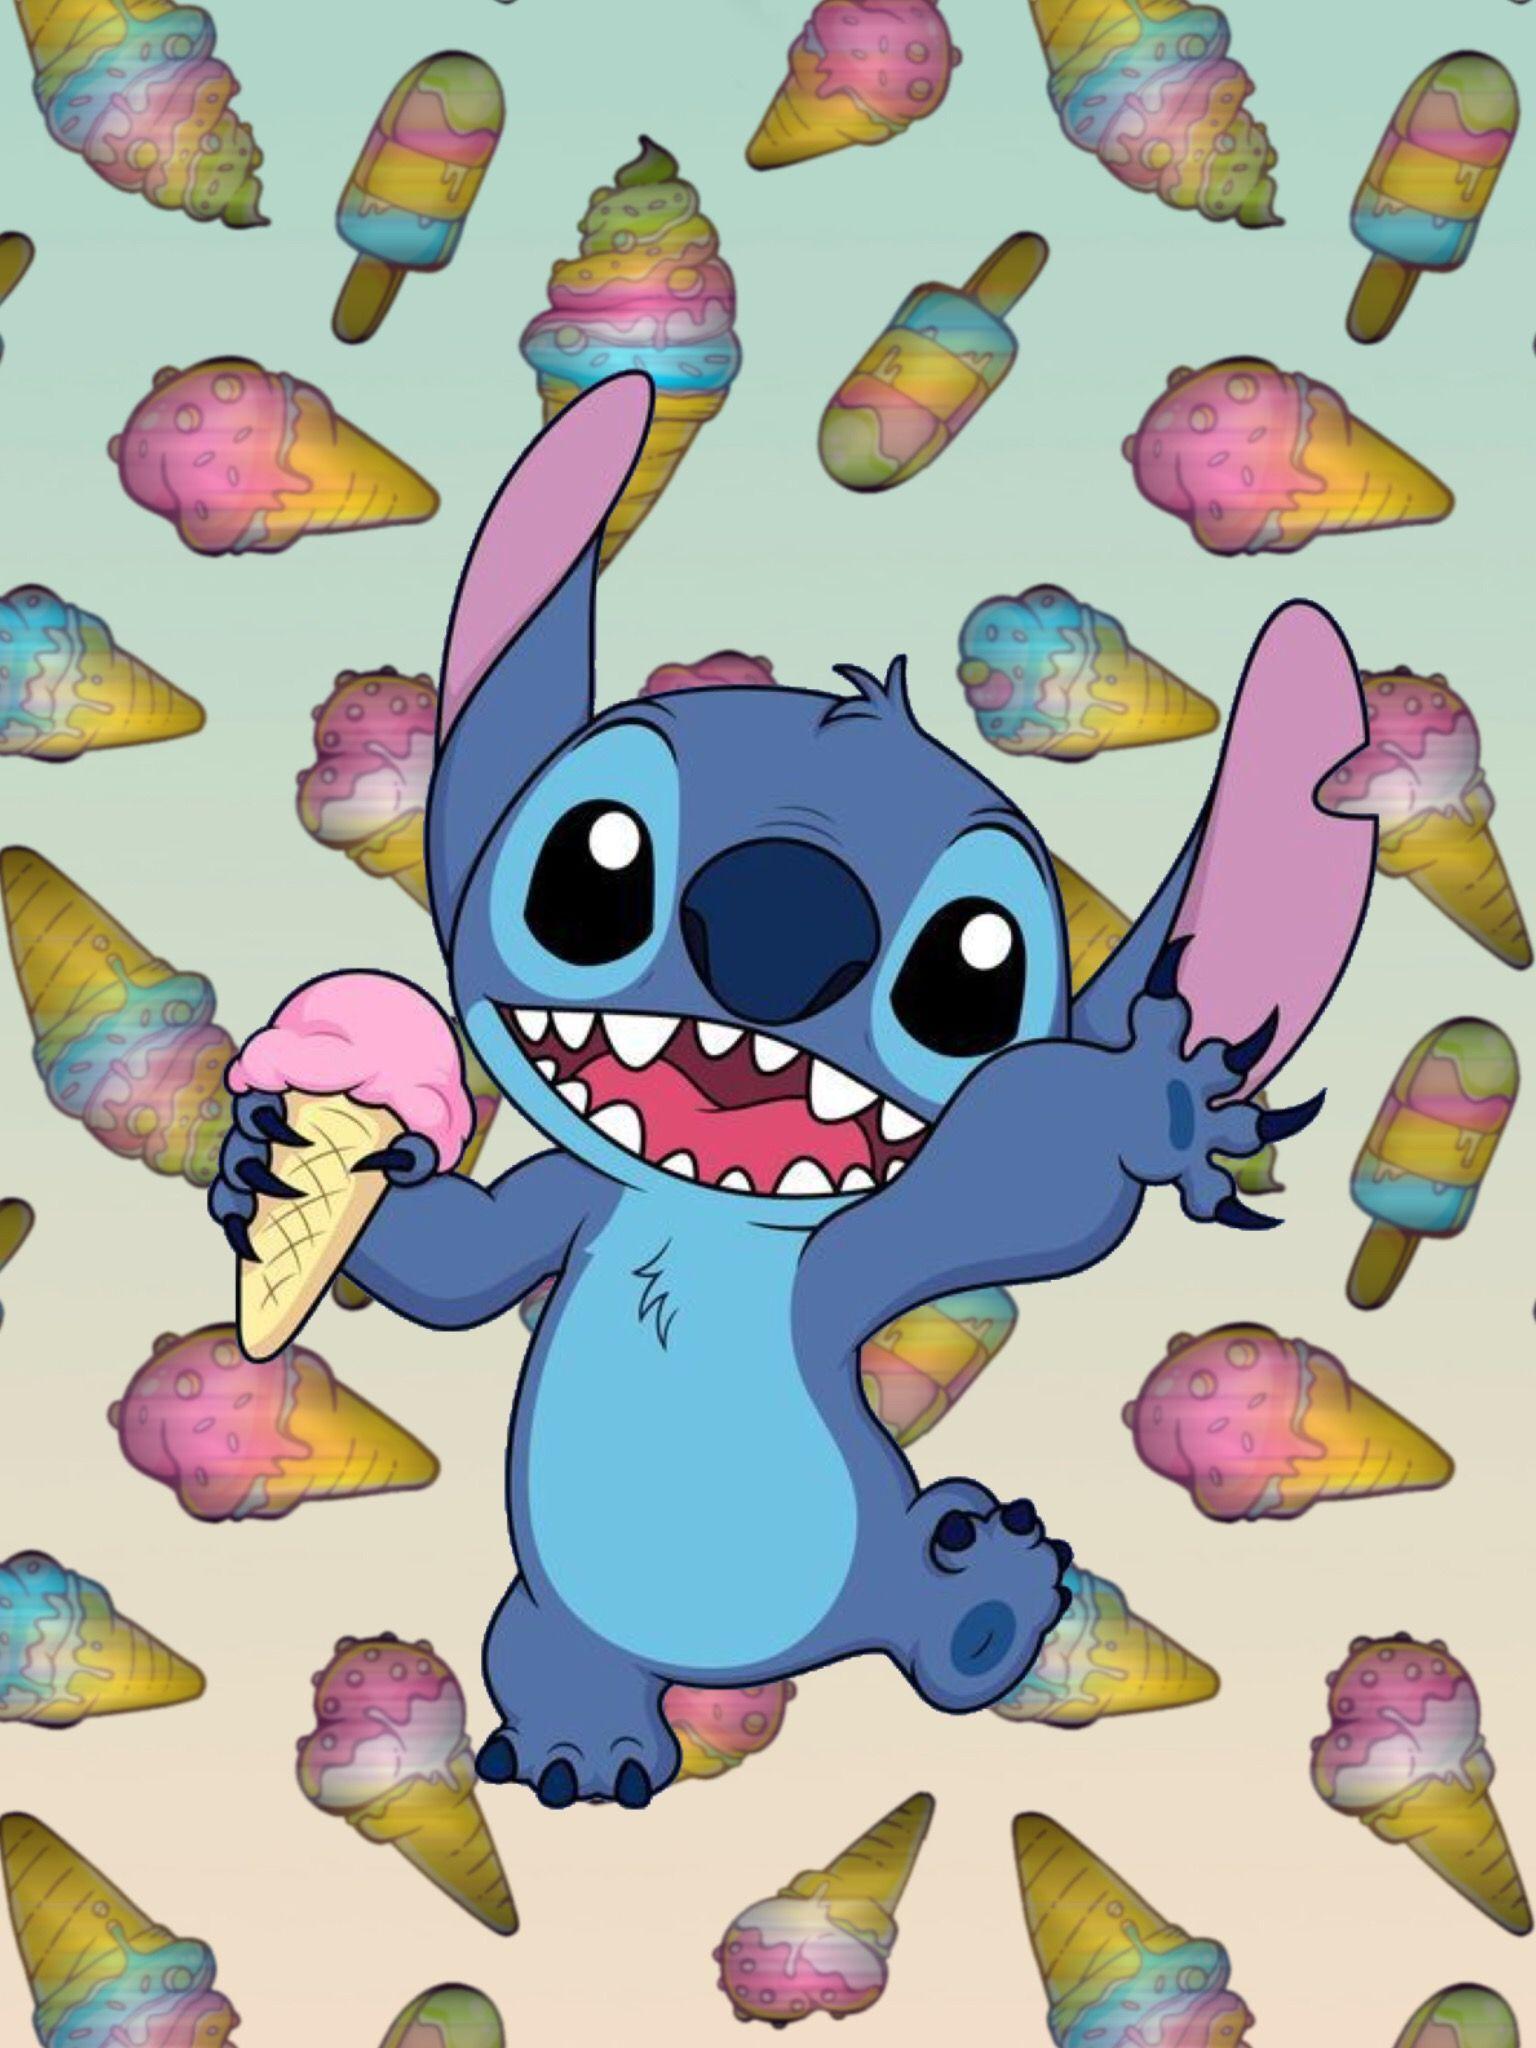 Love You Stich Cartoon Wallpaper Cute Stitch Disney Wallpaper